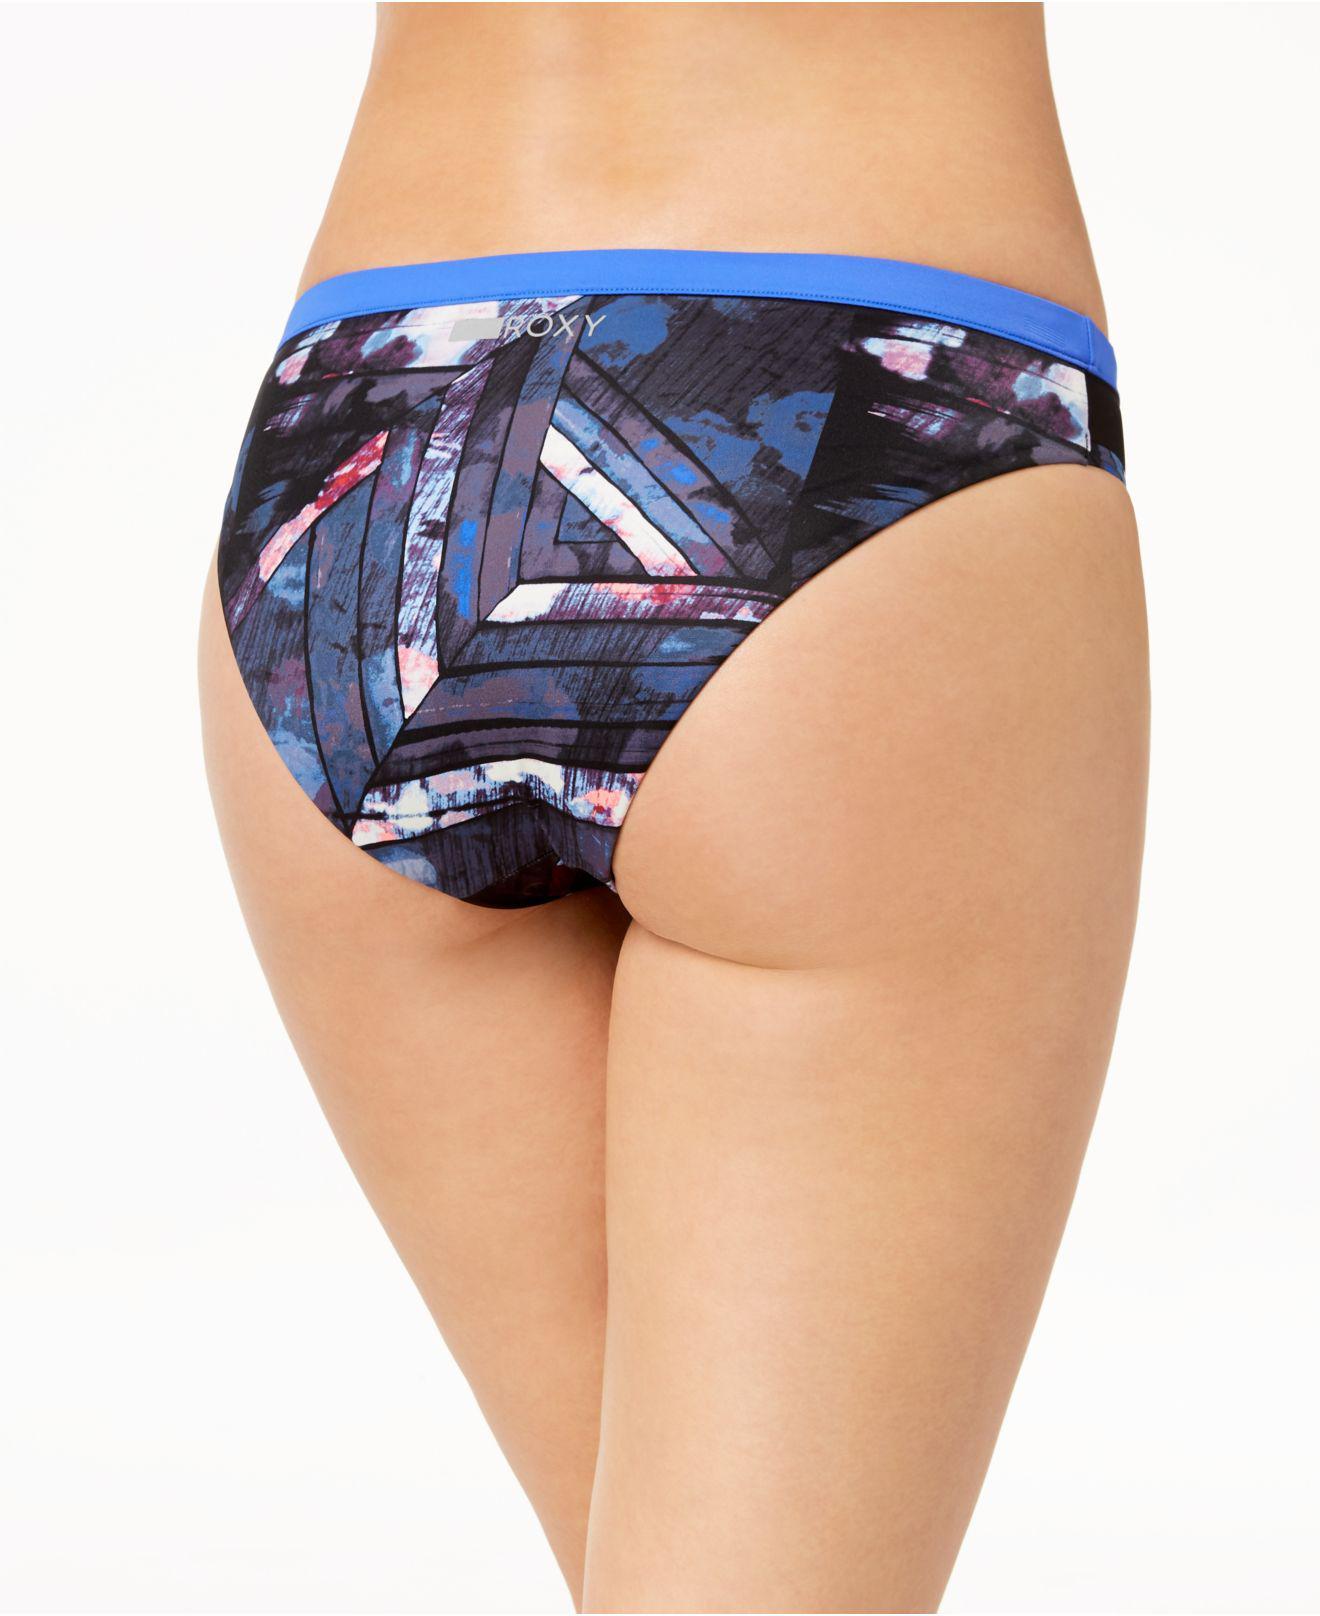 7b6b818f52129 Lyst - Roxy Juniors' Keep It Scooter Printed Mesh-side Bikini ...